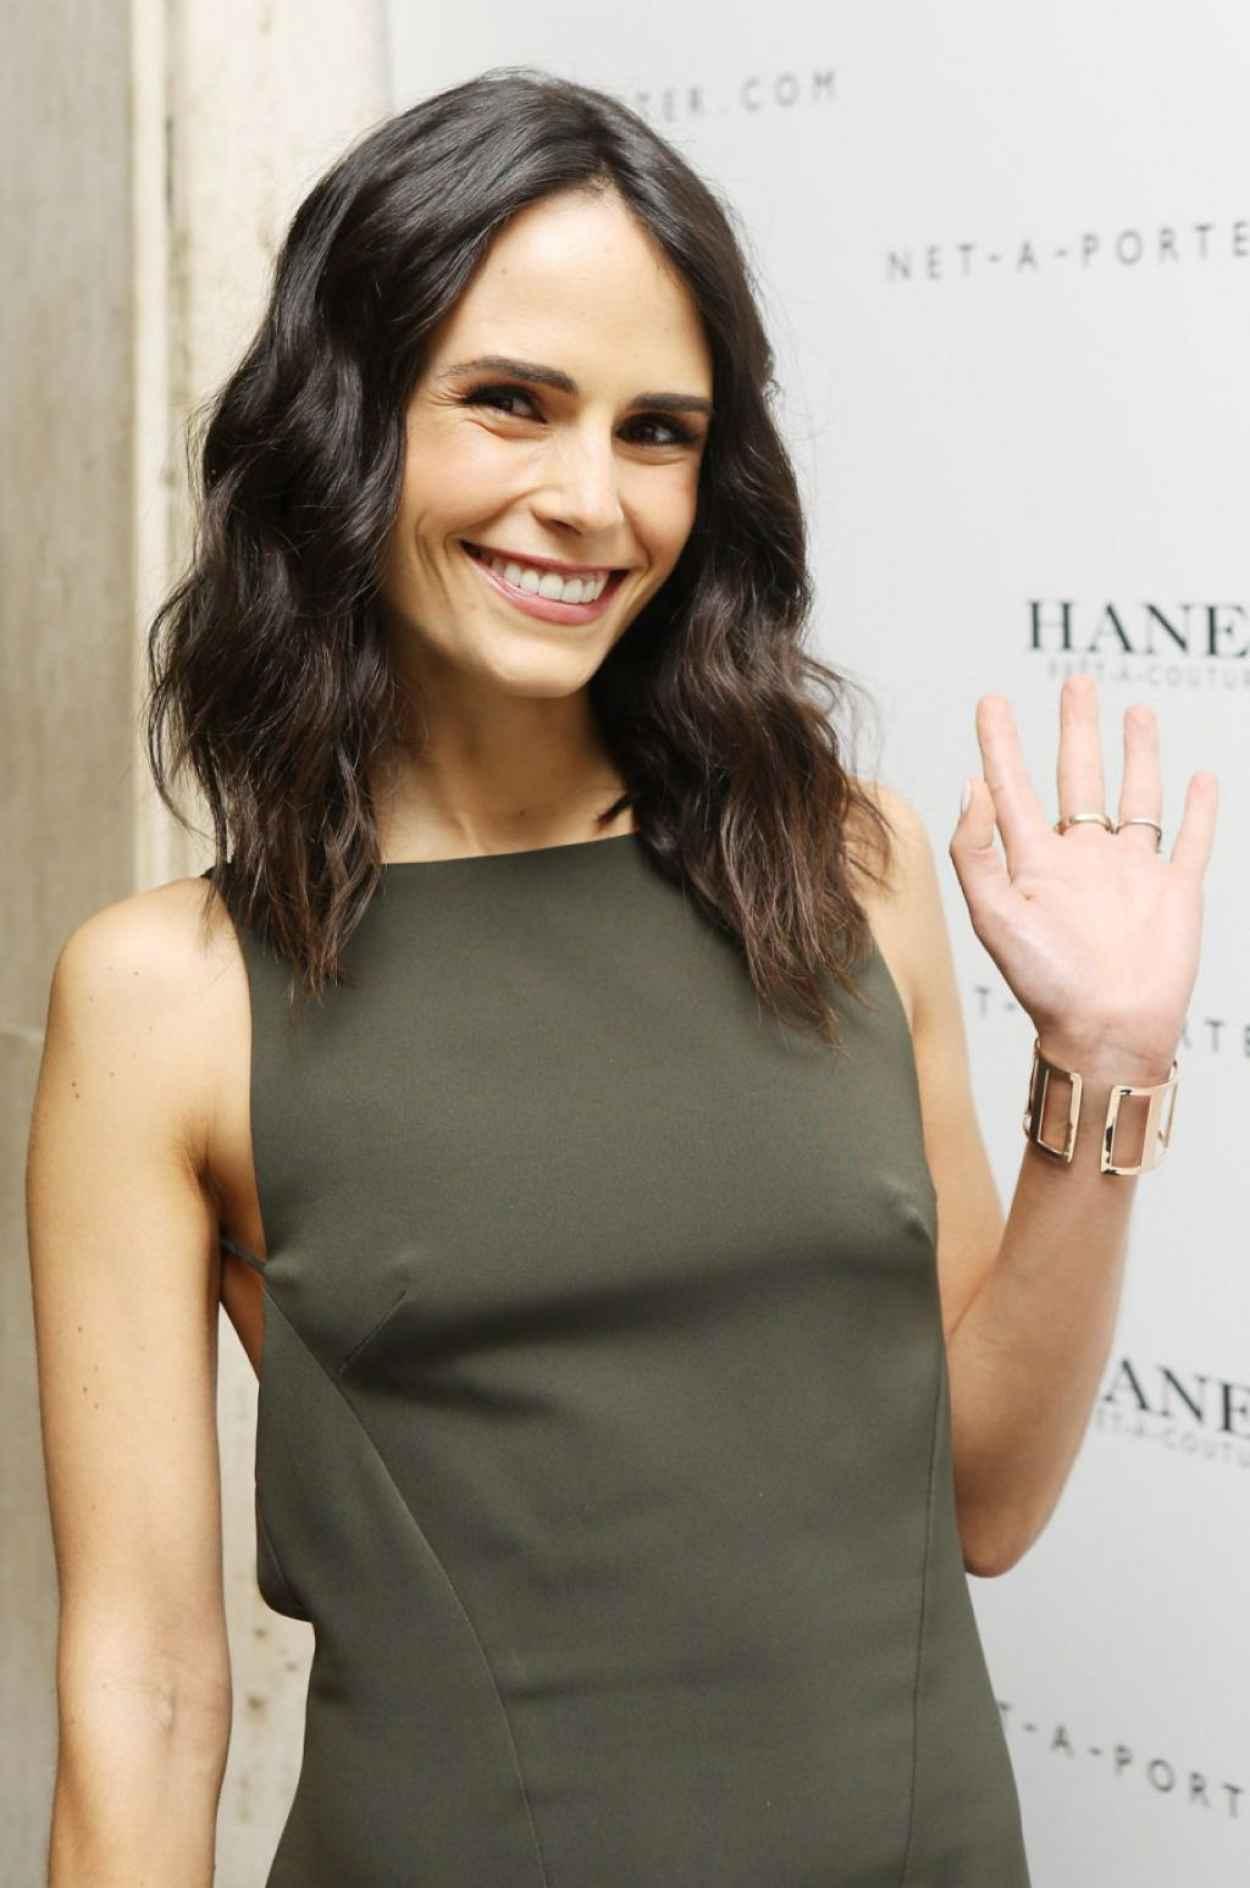 Jordana Brewster Attends Net-A-Porter Hosts Haney Pret-A-Couture Launch-1